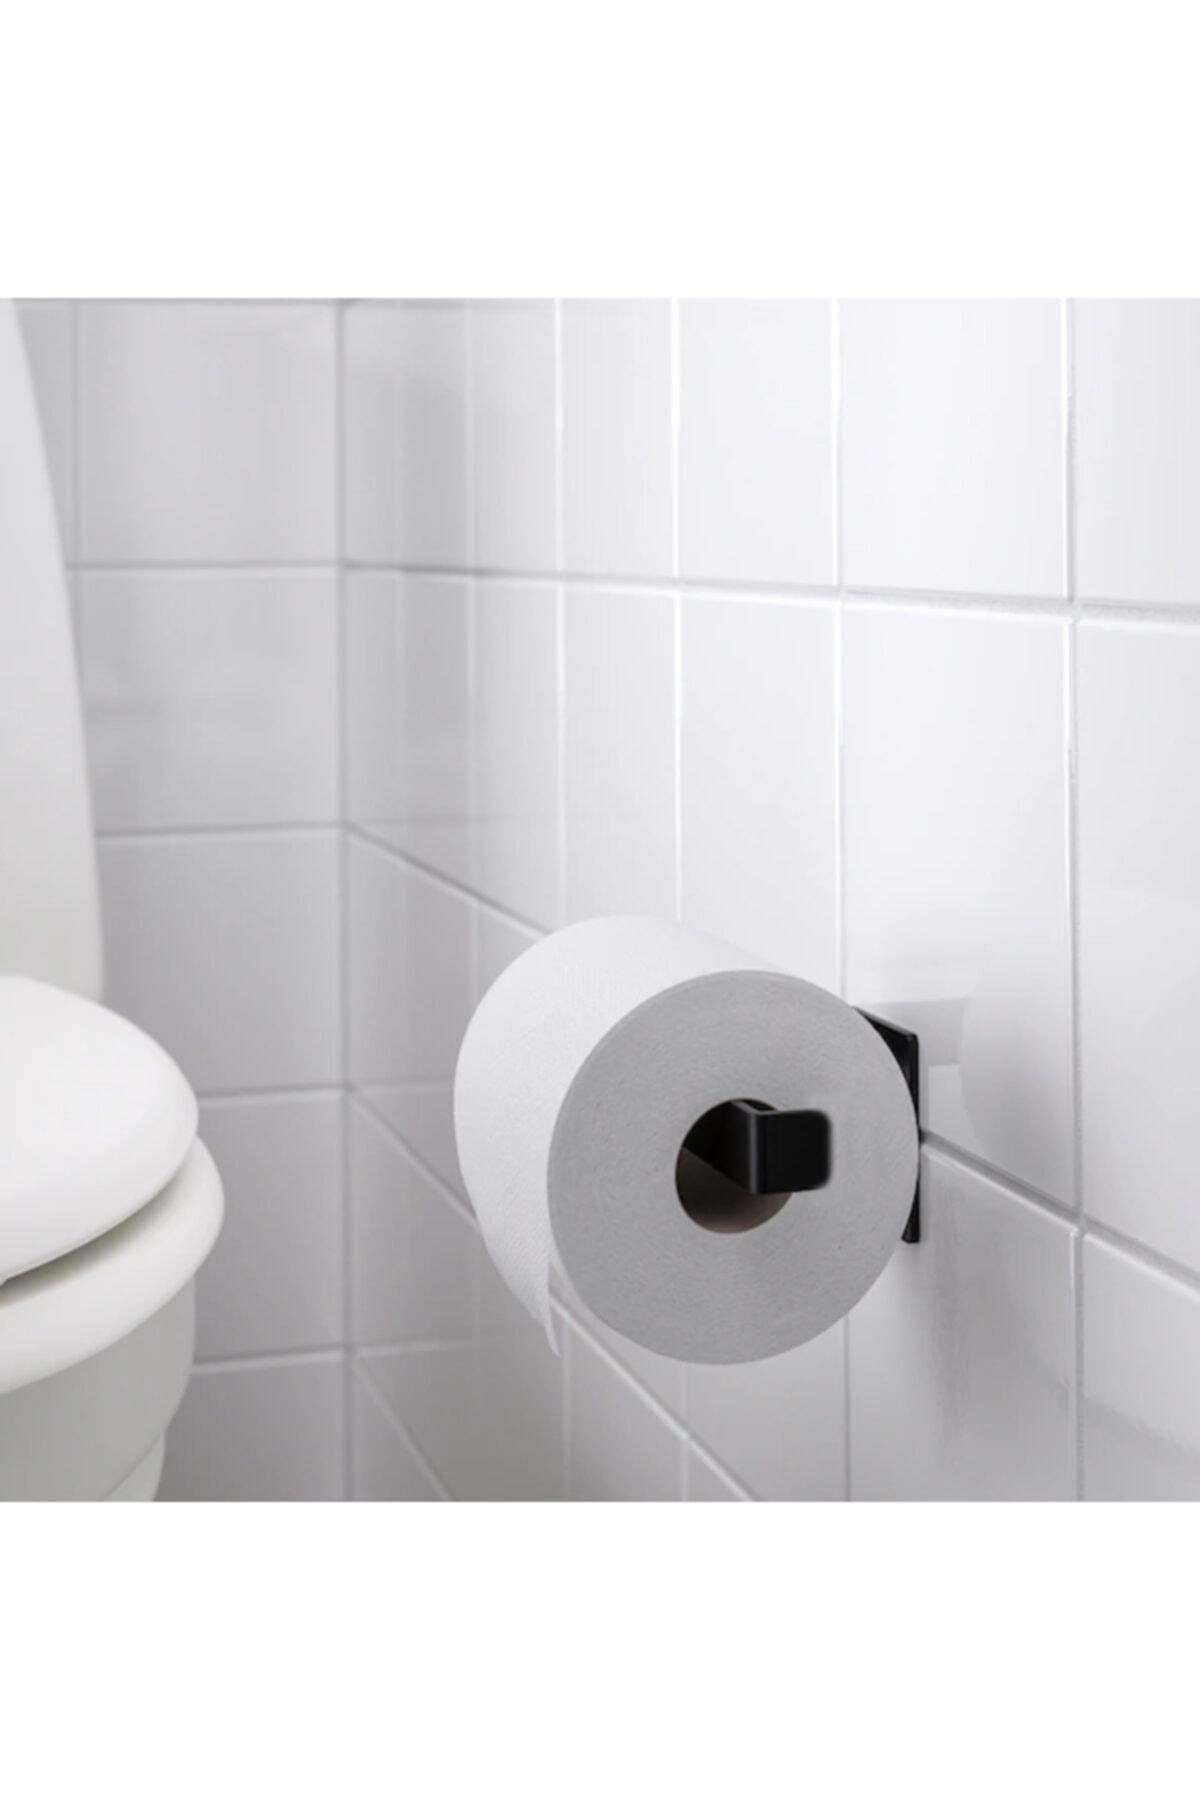 Love Gifts Skogs Çelik Tuvalet Kağıtlığı Tuvalet Kağıdı Askısı-siyah 1